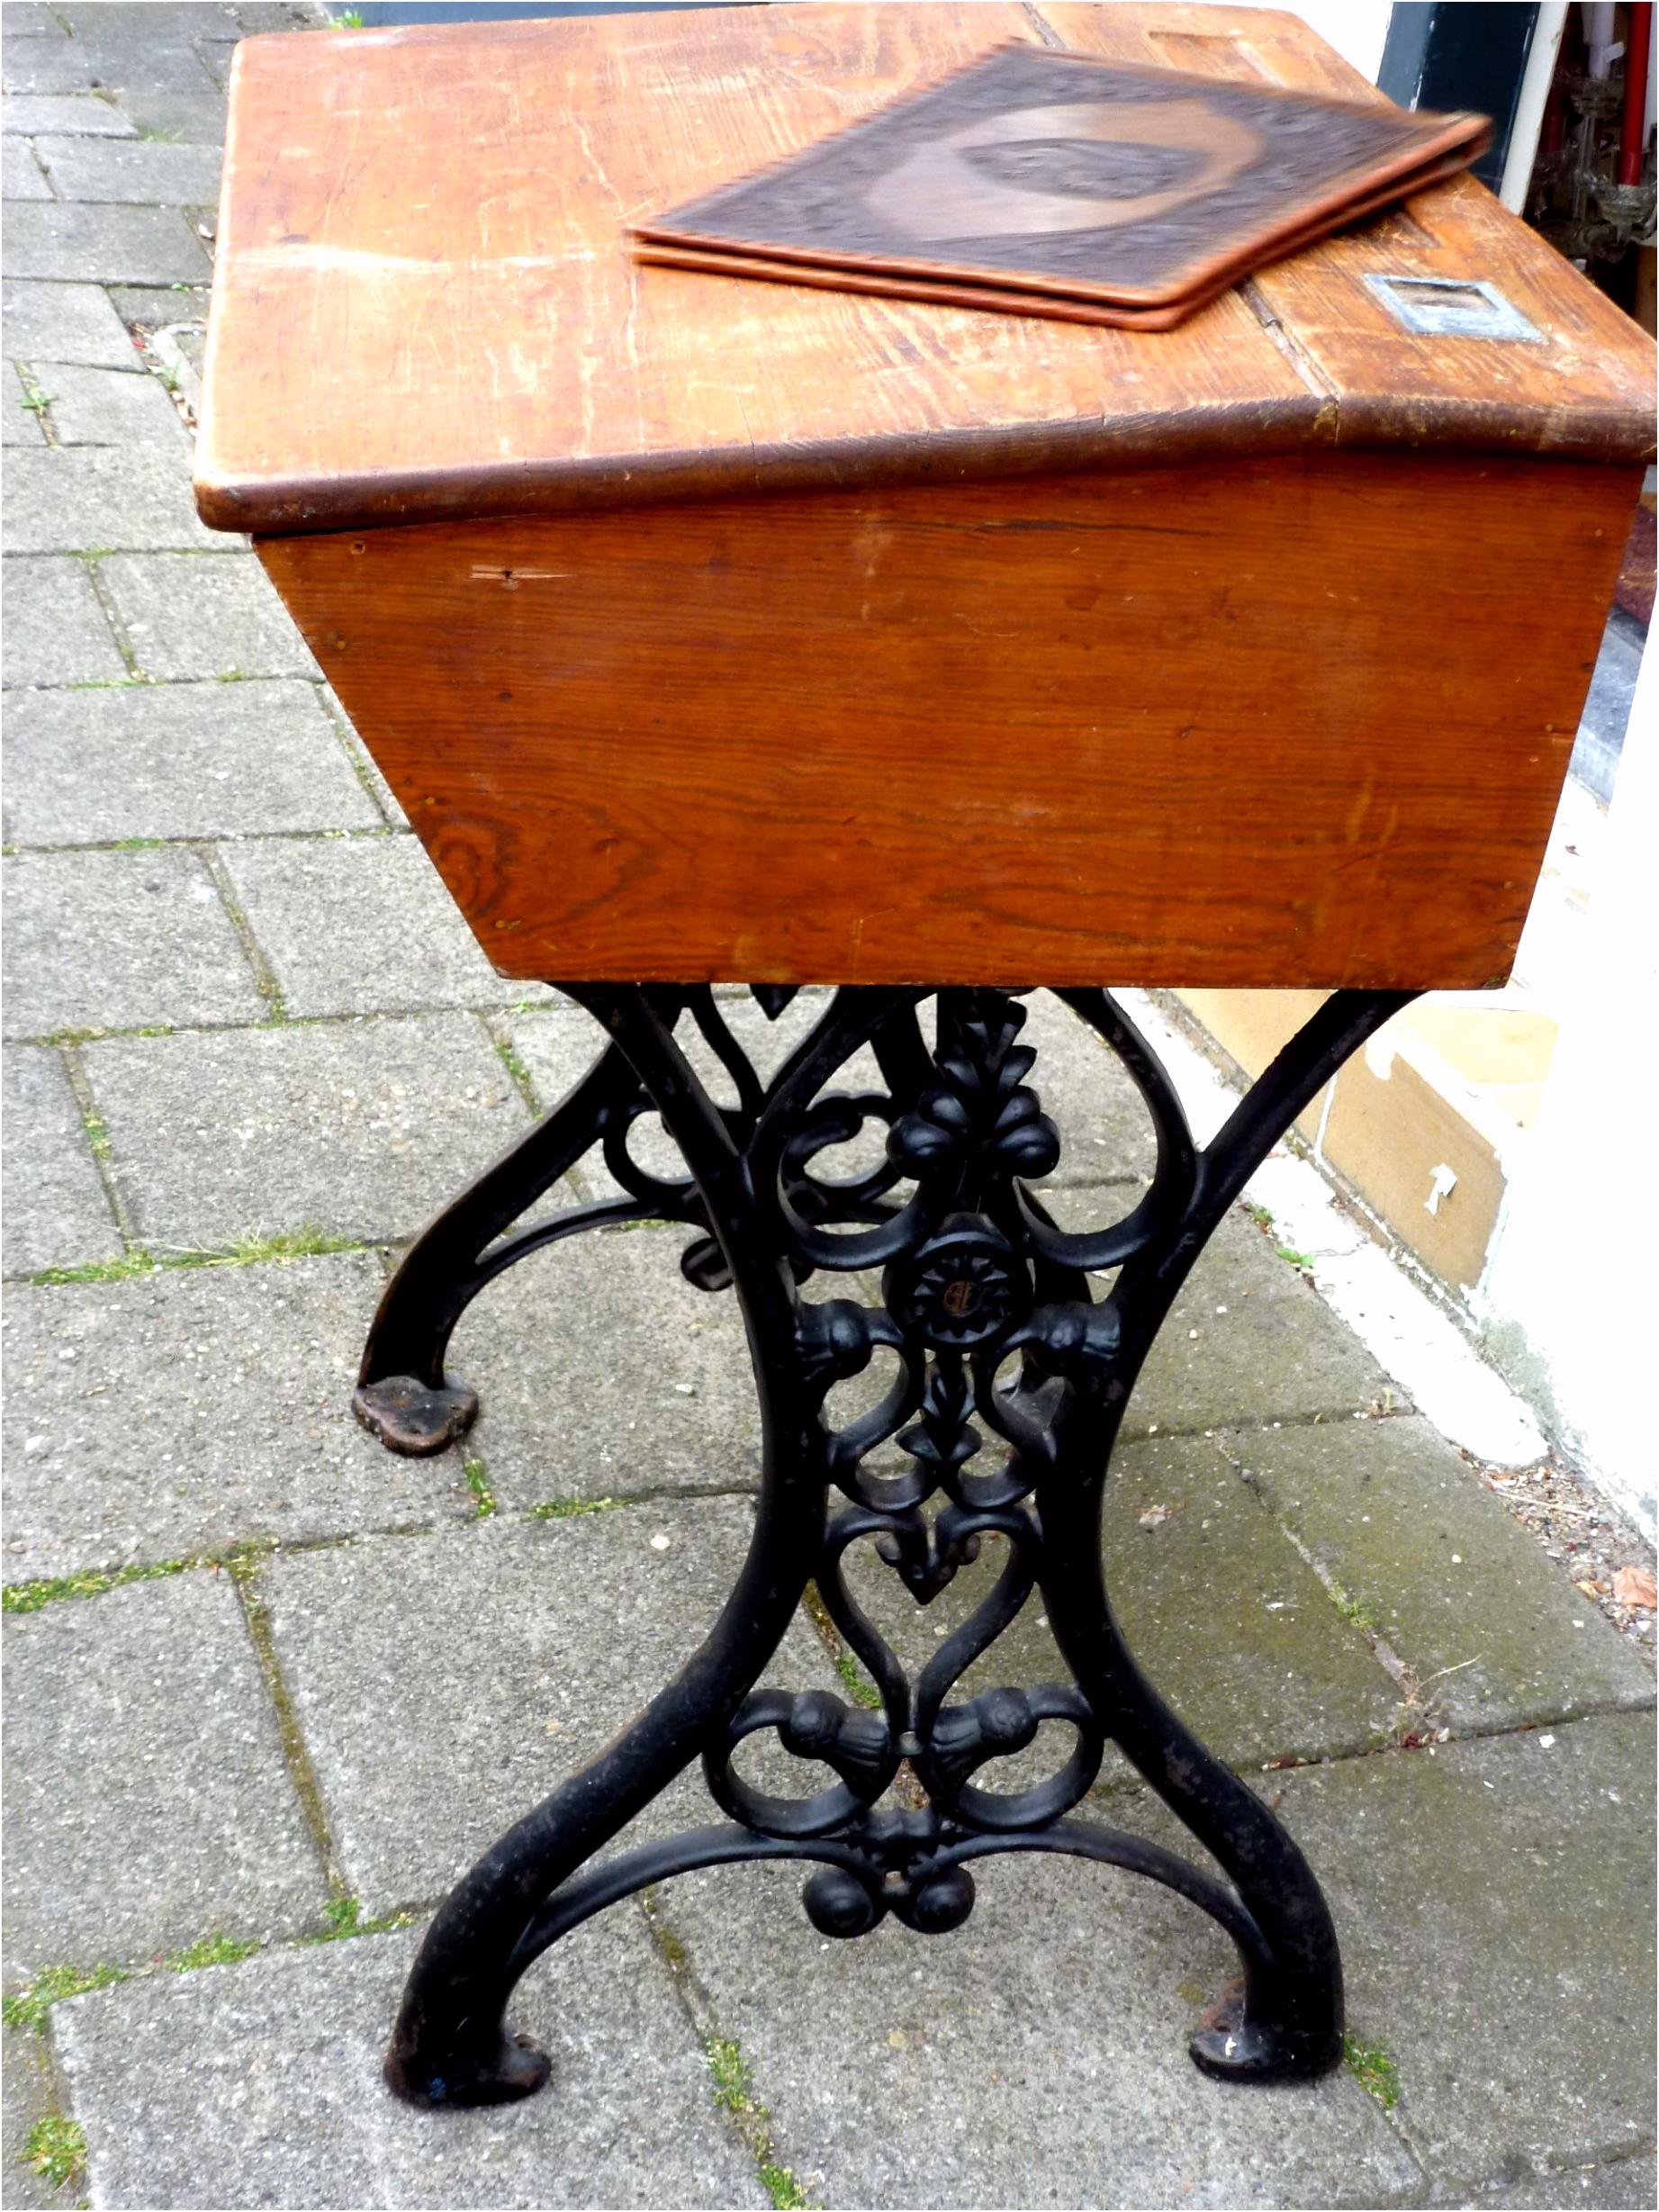 Oude lessenaar gemonteerd op een gietijzeren onderstel van een oude